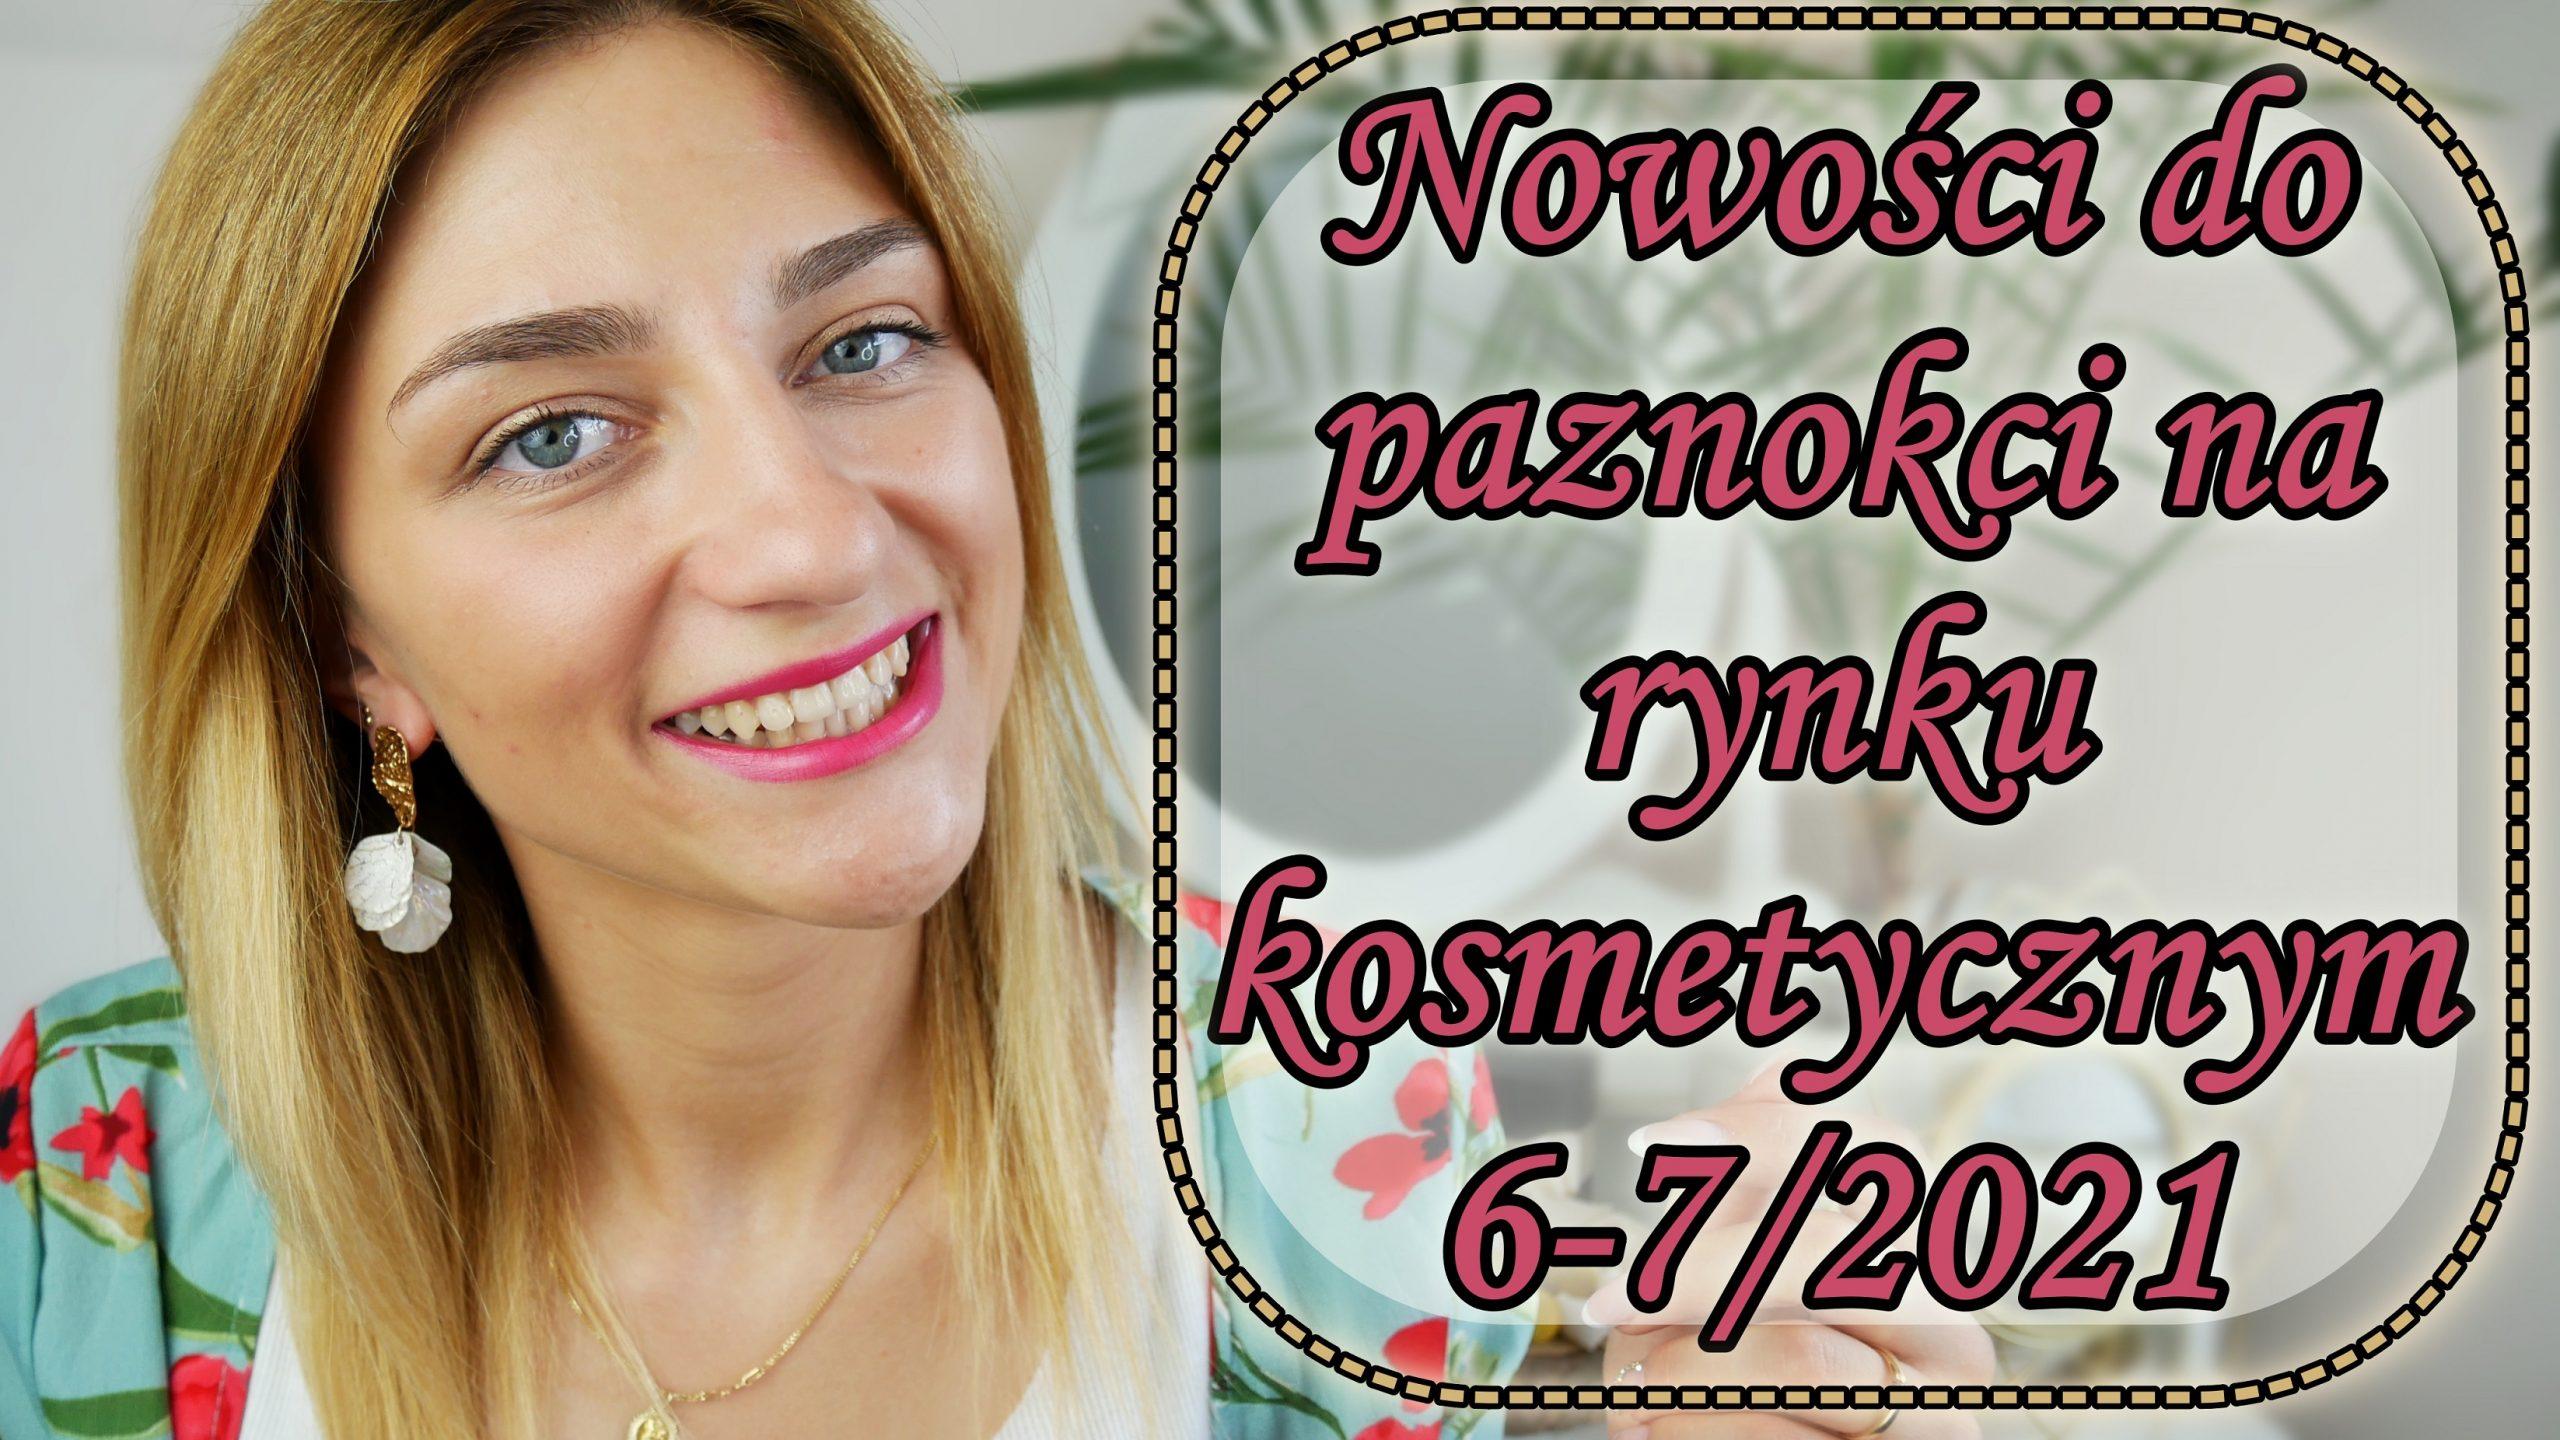 Nowości czerwca i lipca – Nowości do paznokci na rynku kosmetycznym 6-72021